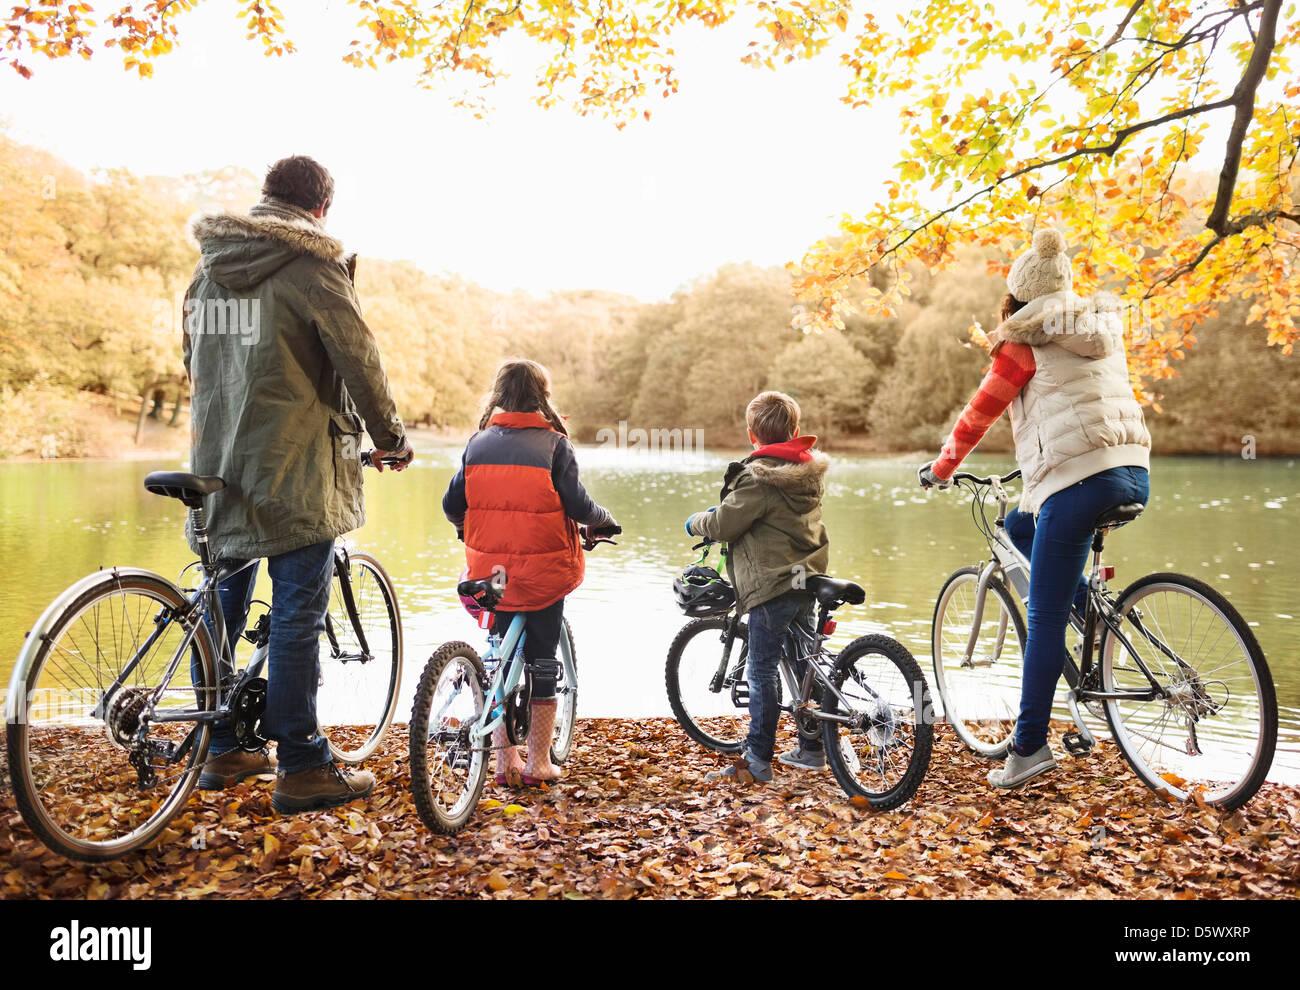 Familia sentada sobre bicicletas junto en estacionamiento Imagen De Stock